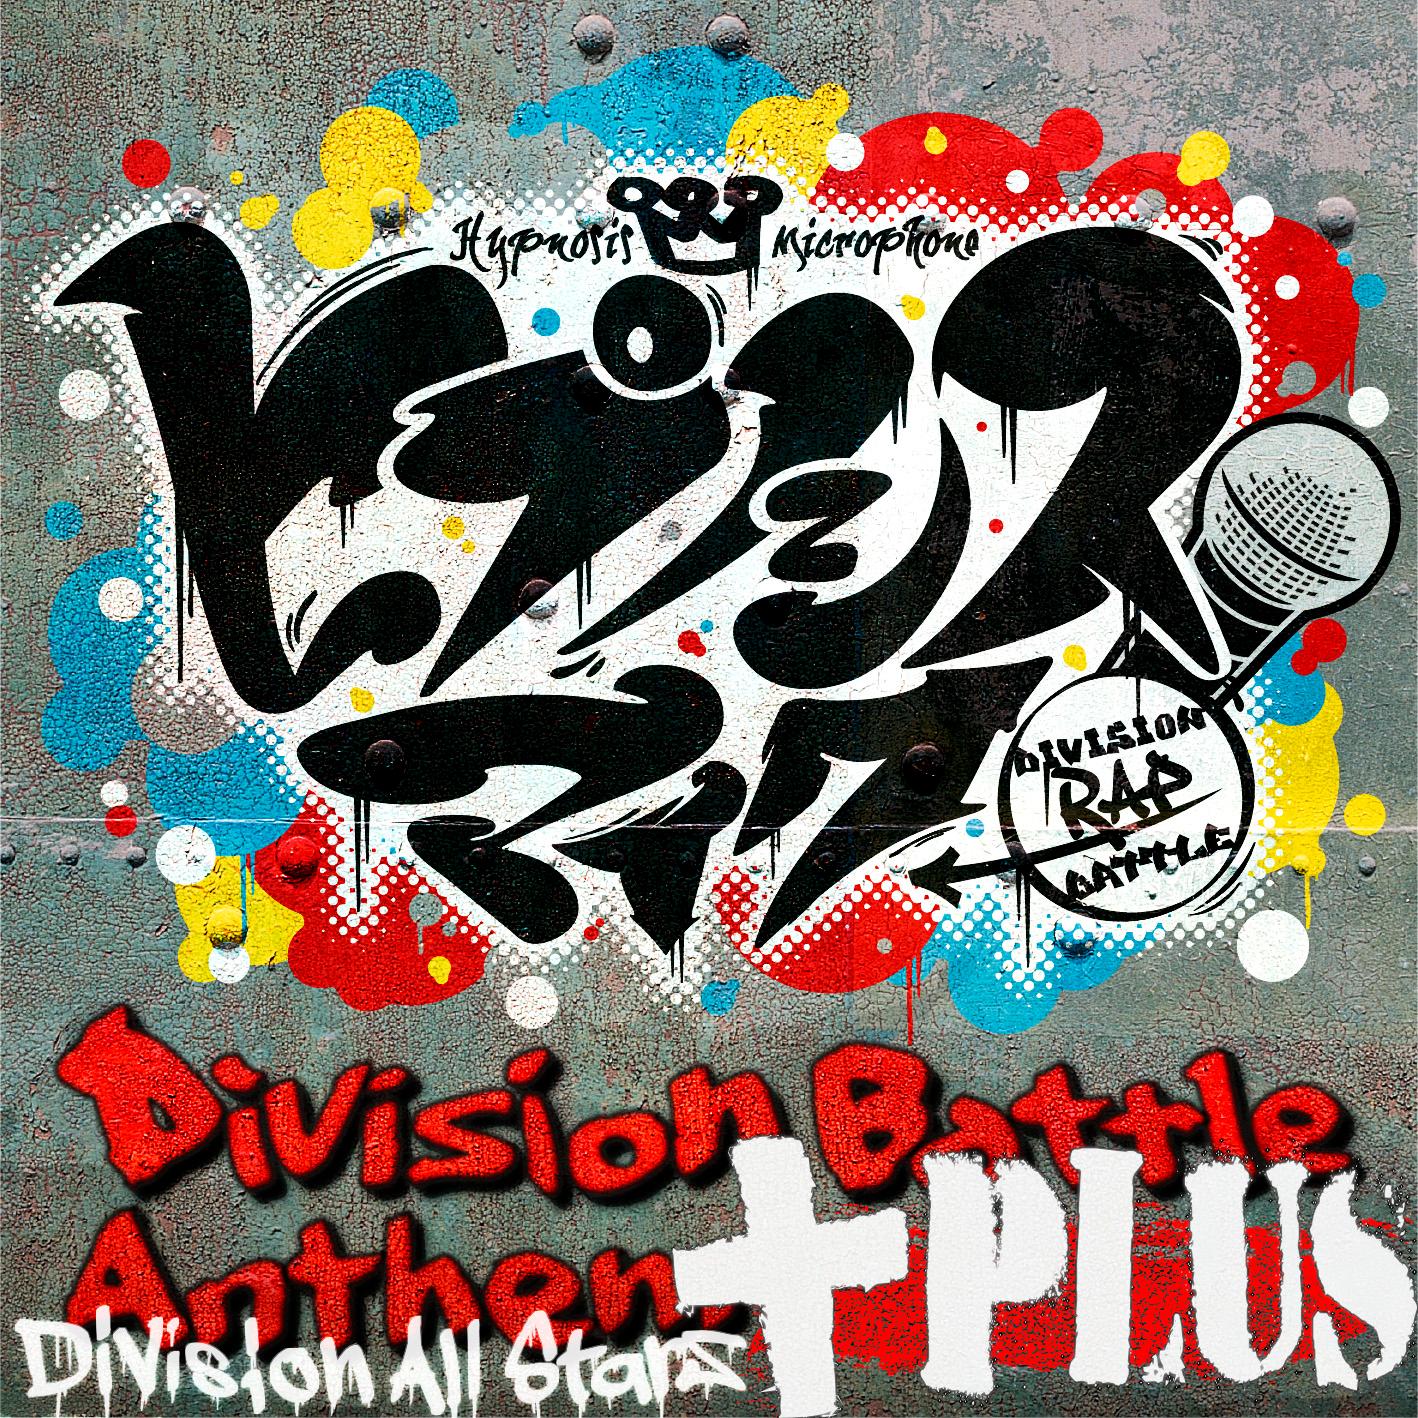 ヒプノシスマイク –Division Battle Anthem- +